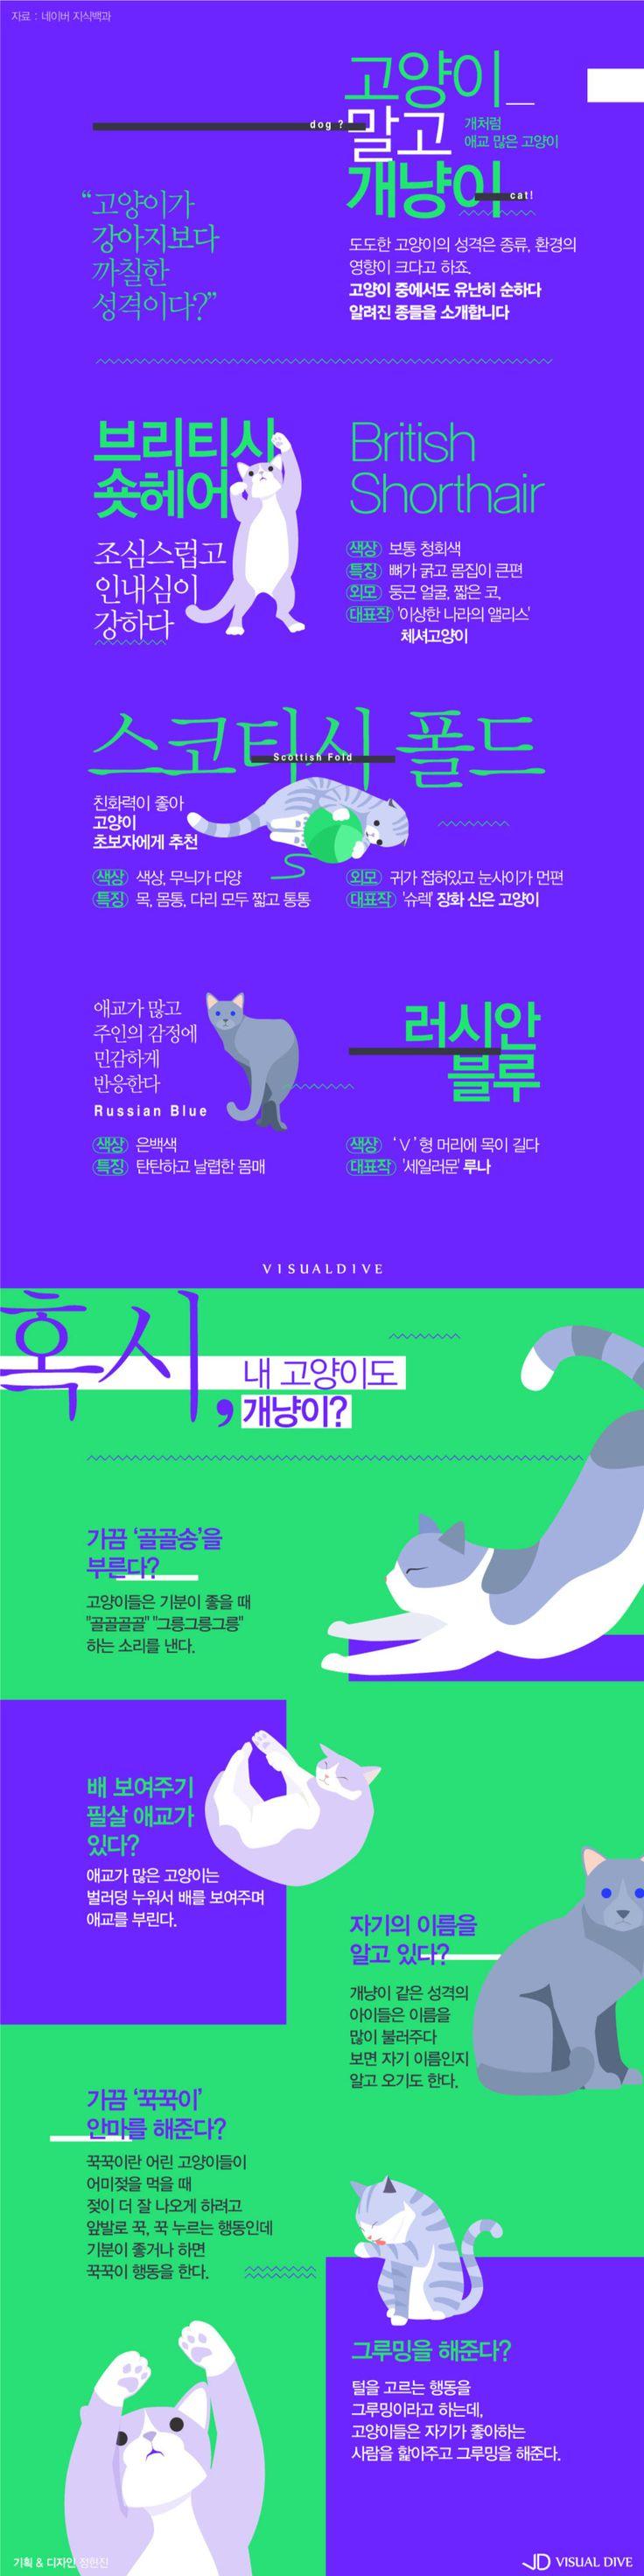 도도한 고양이? 출구 없는 개냥이의 세계 [인포그래픽] | 비주얼다이브